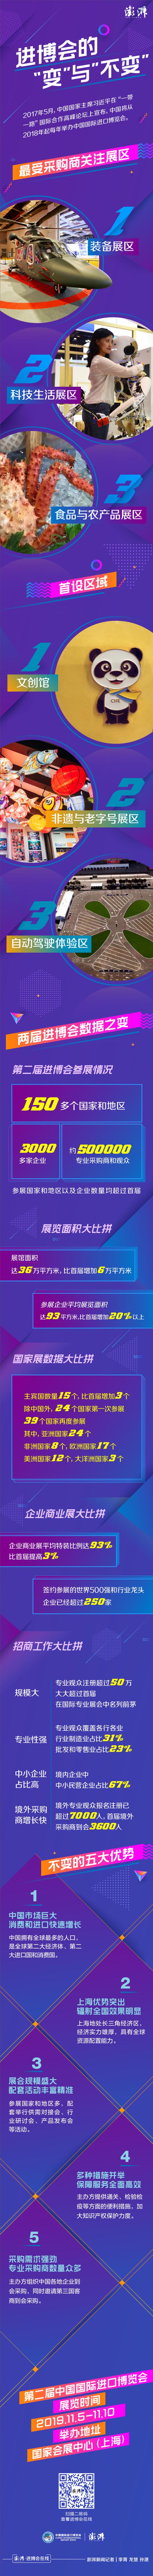 2016葡京赌侠年料_2019高端电视风云榜——平静大海上的争锋斗艳